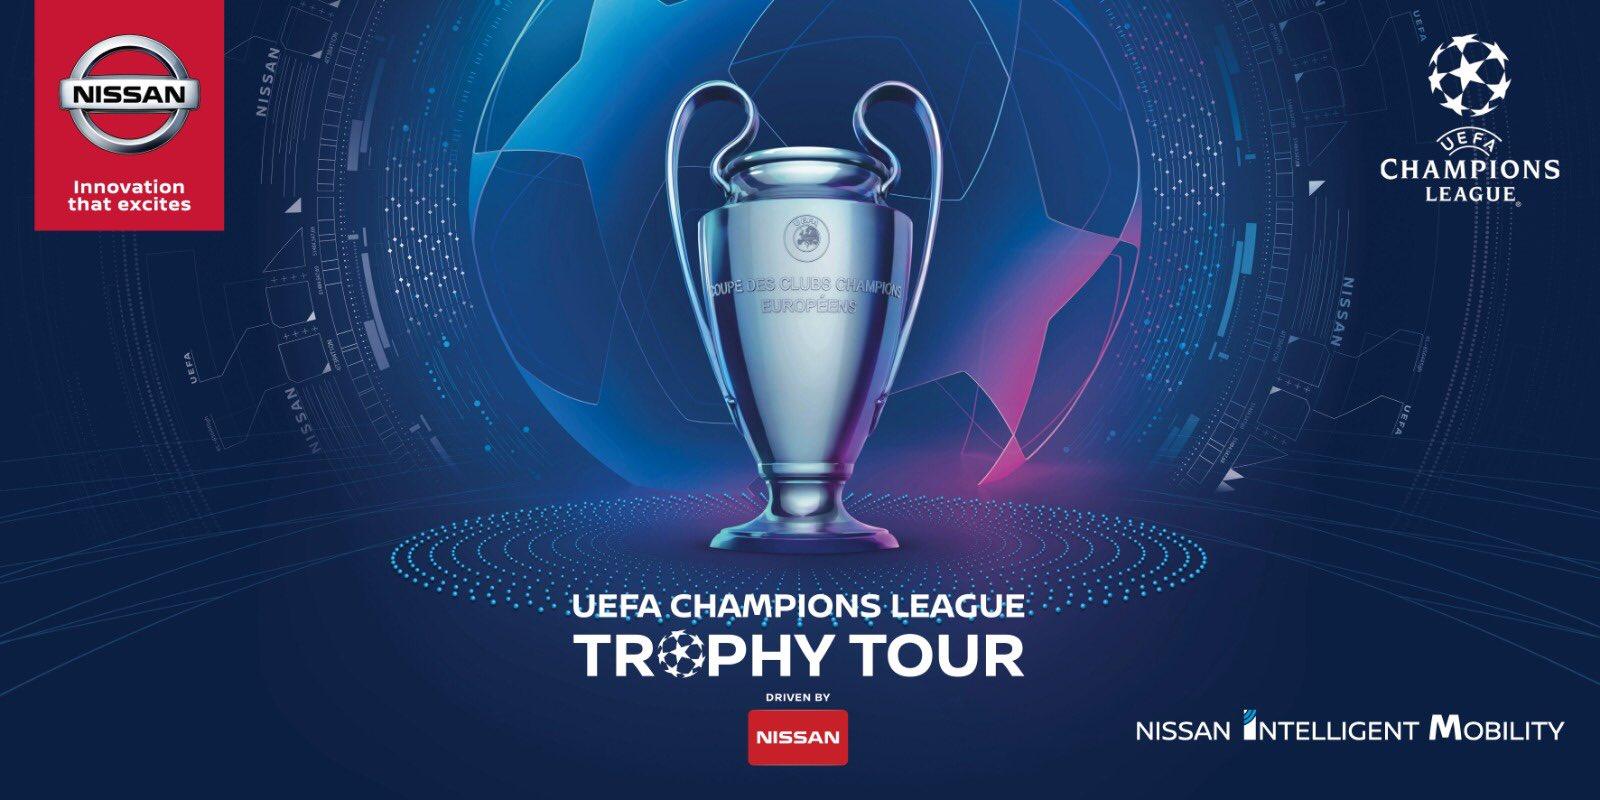 Le Trophée de la Champions League de passage à Lyon samedi !